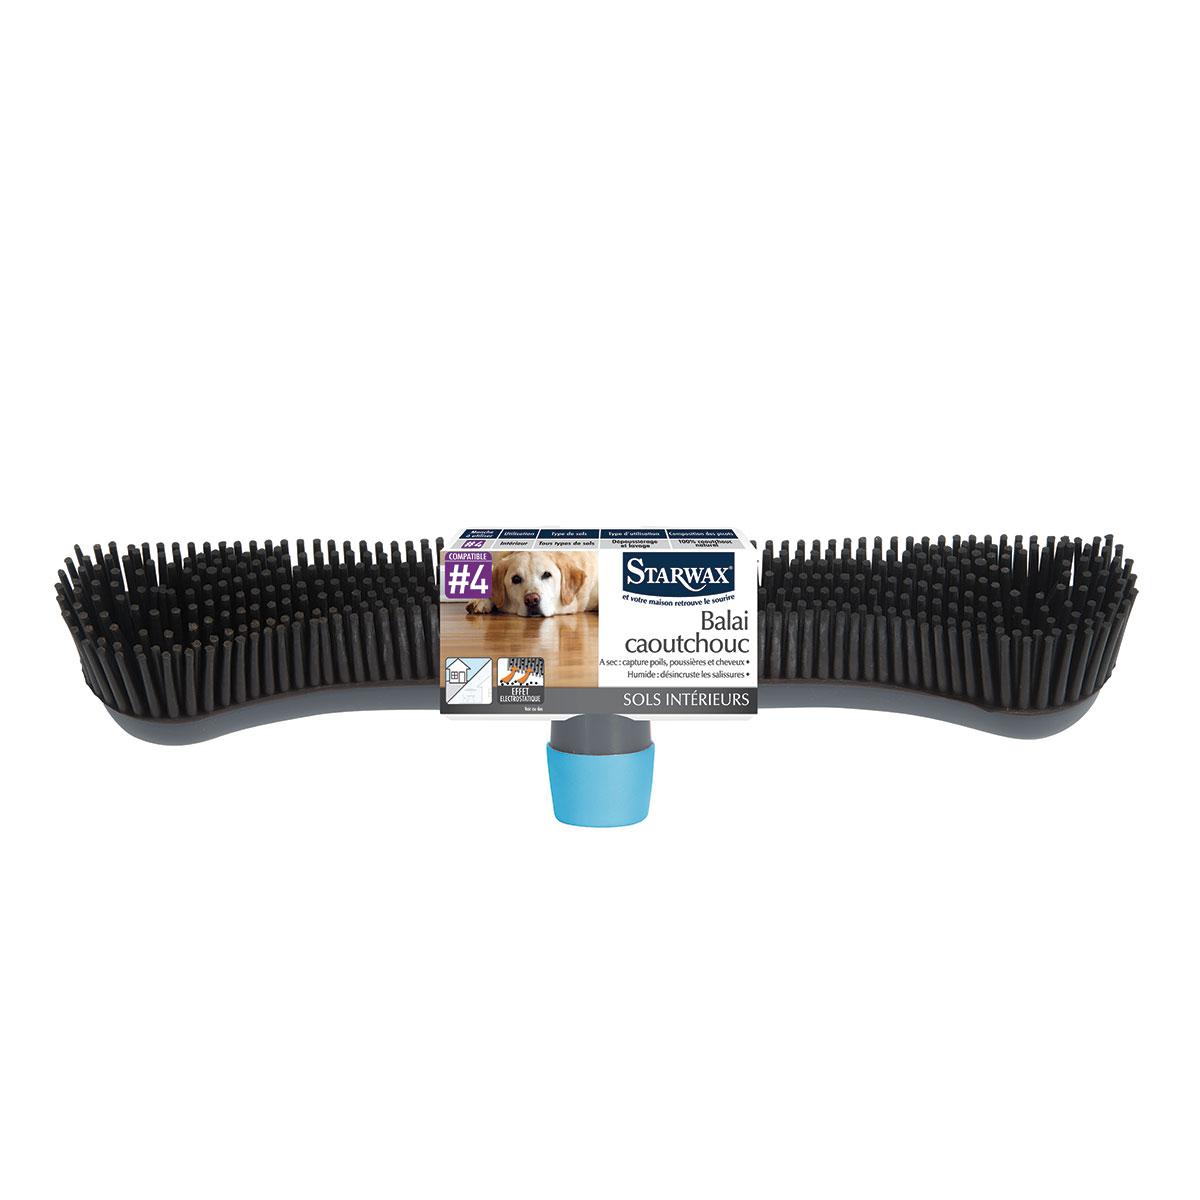 Balai caoutchouc d 39 int rieur starwax produits d - Meilleur aspirateur balai pour poils d animaux ...